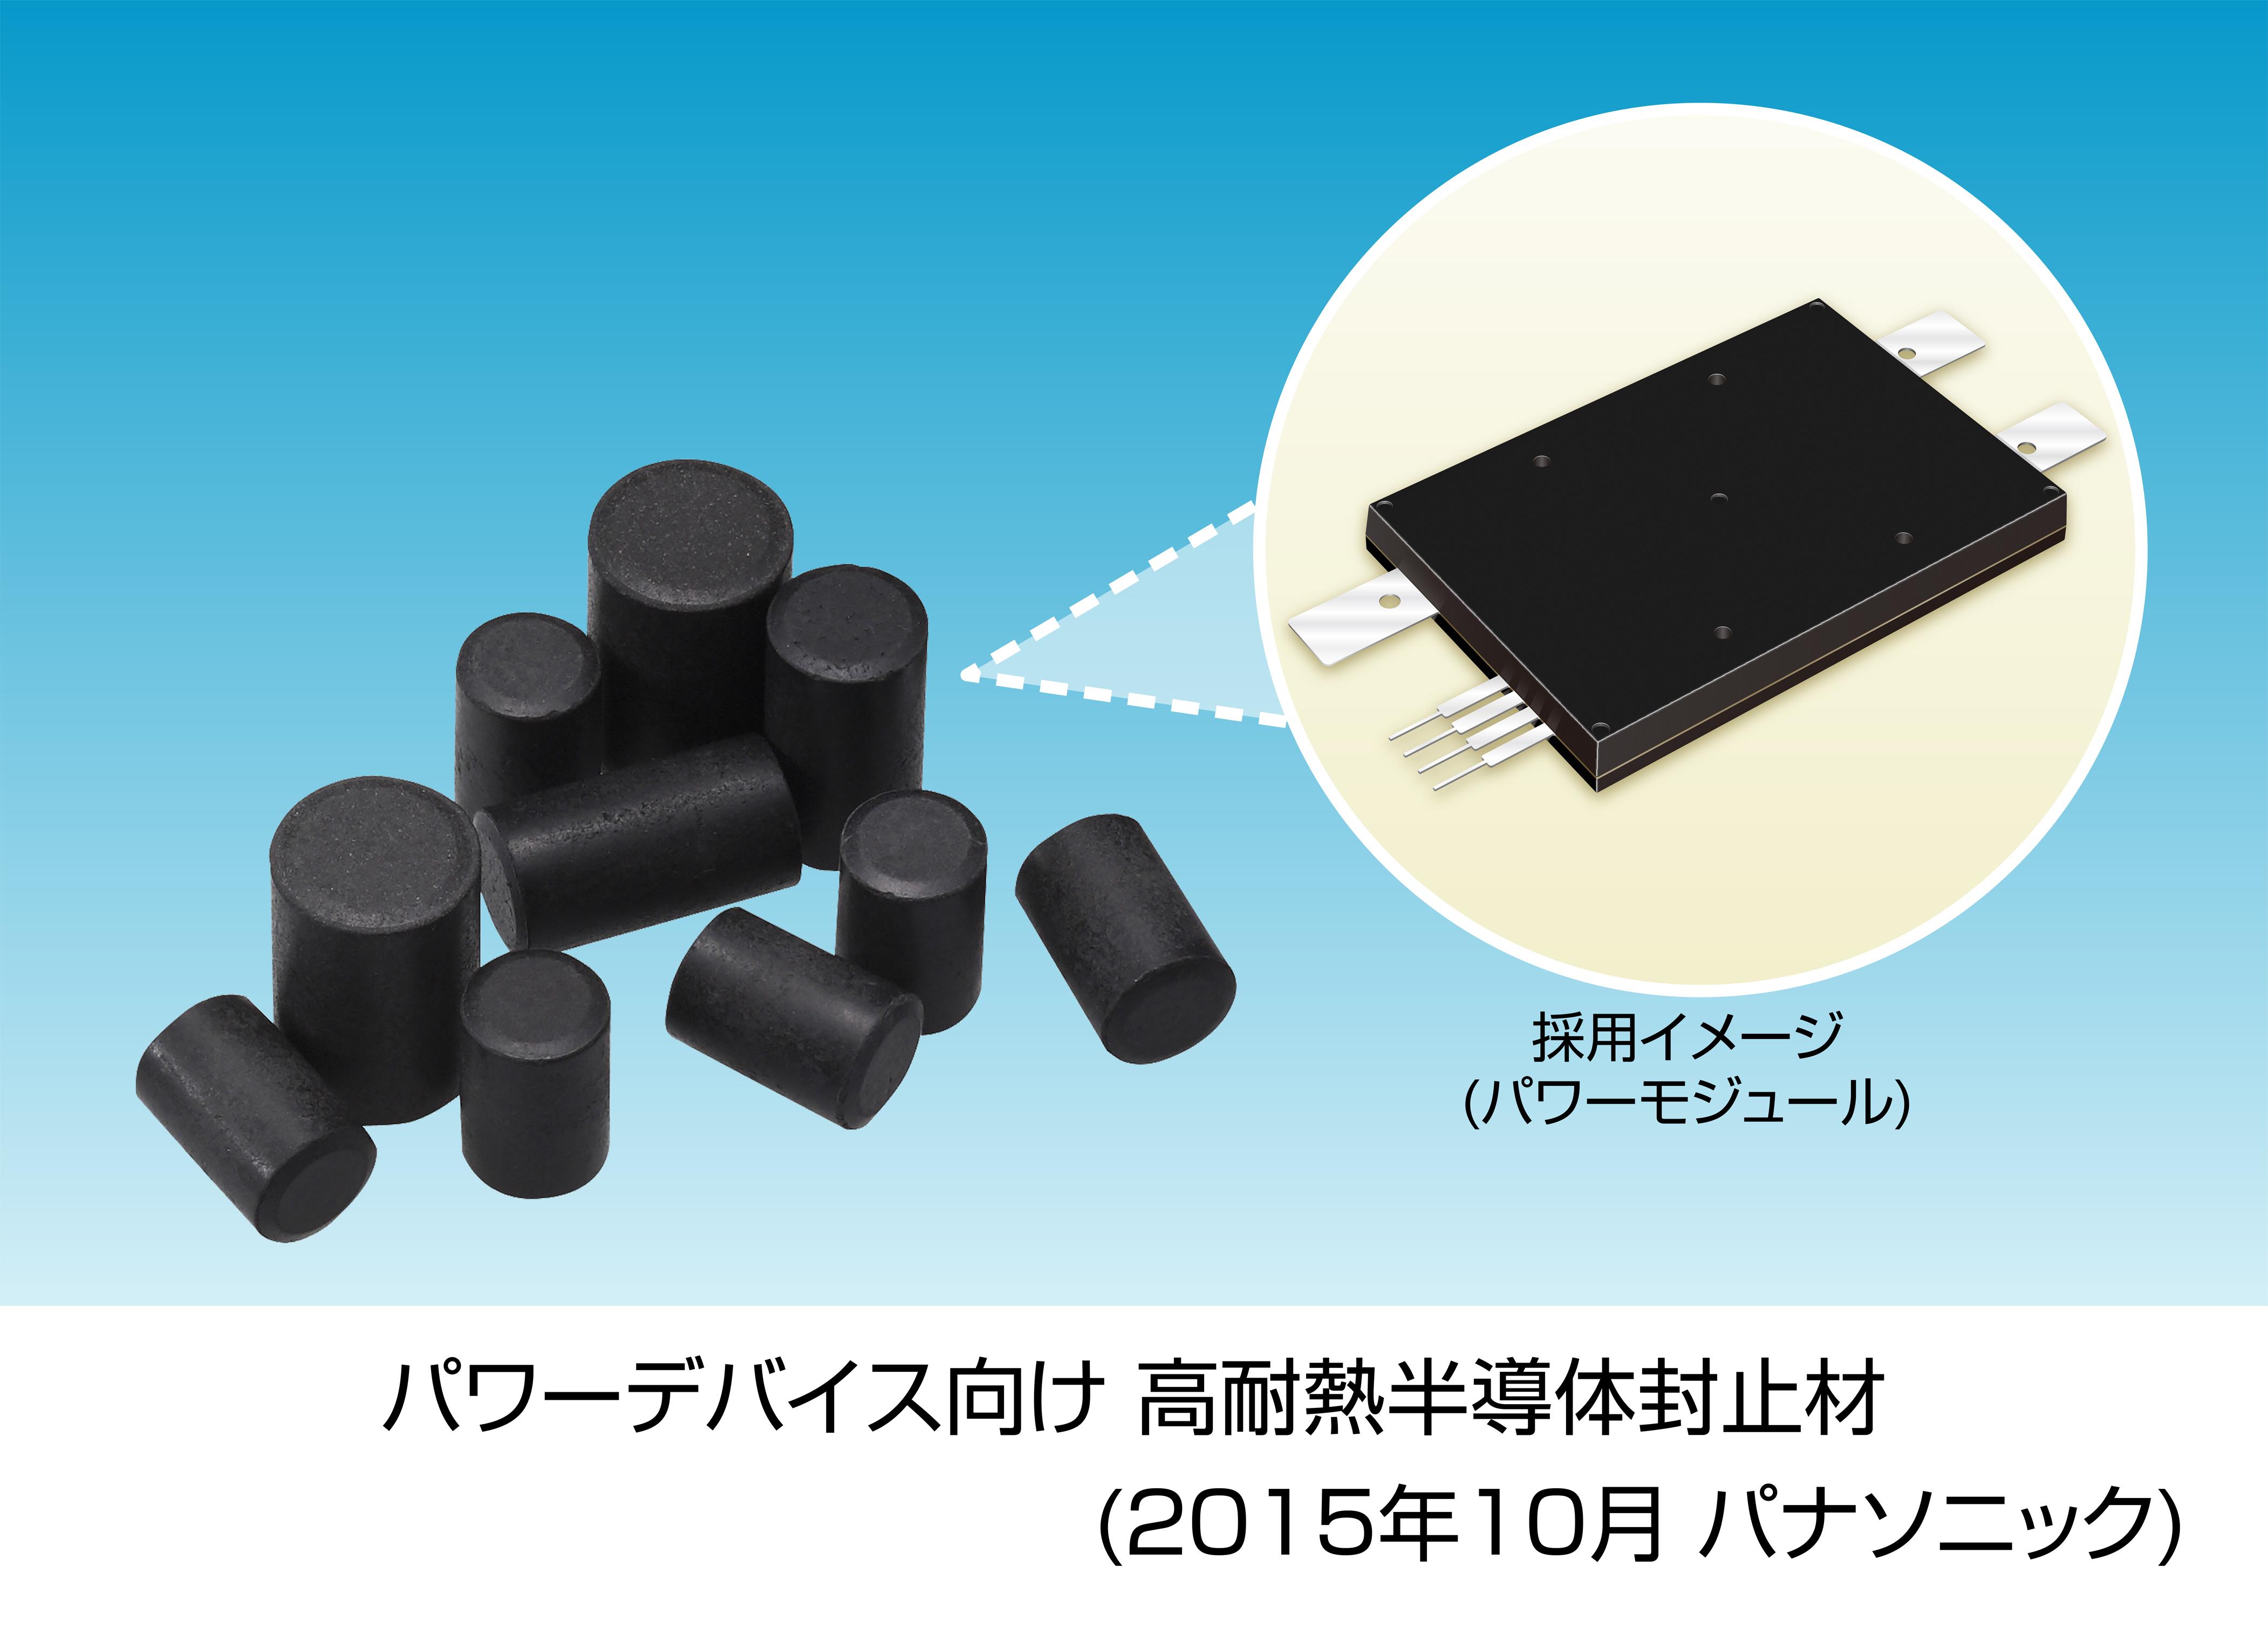 パナソニックがパワーデバイス向け 高耐熱半導体封止材を製品化